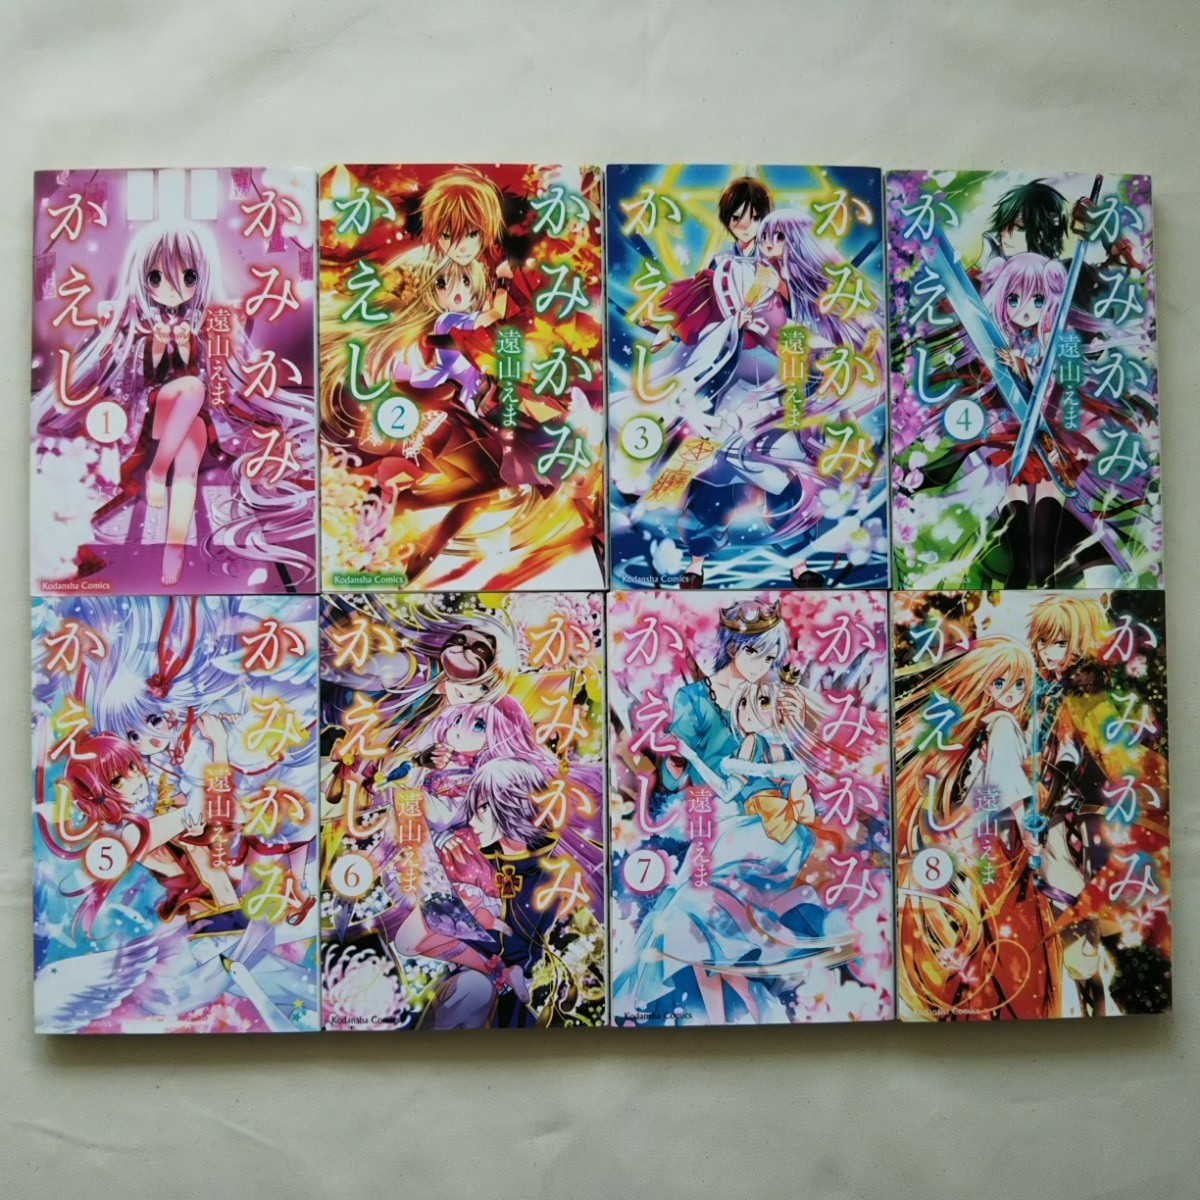 少女漫画  僕と君とで虹になる と スプラウトとかみかみかえし  全巻セット